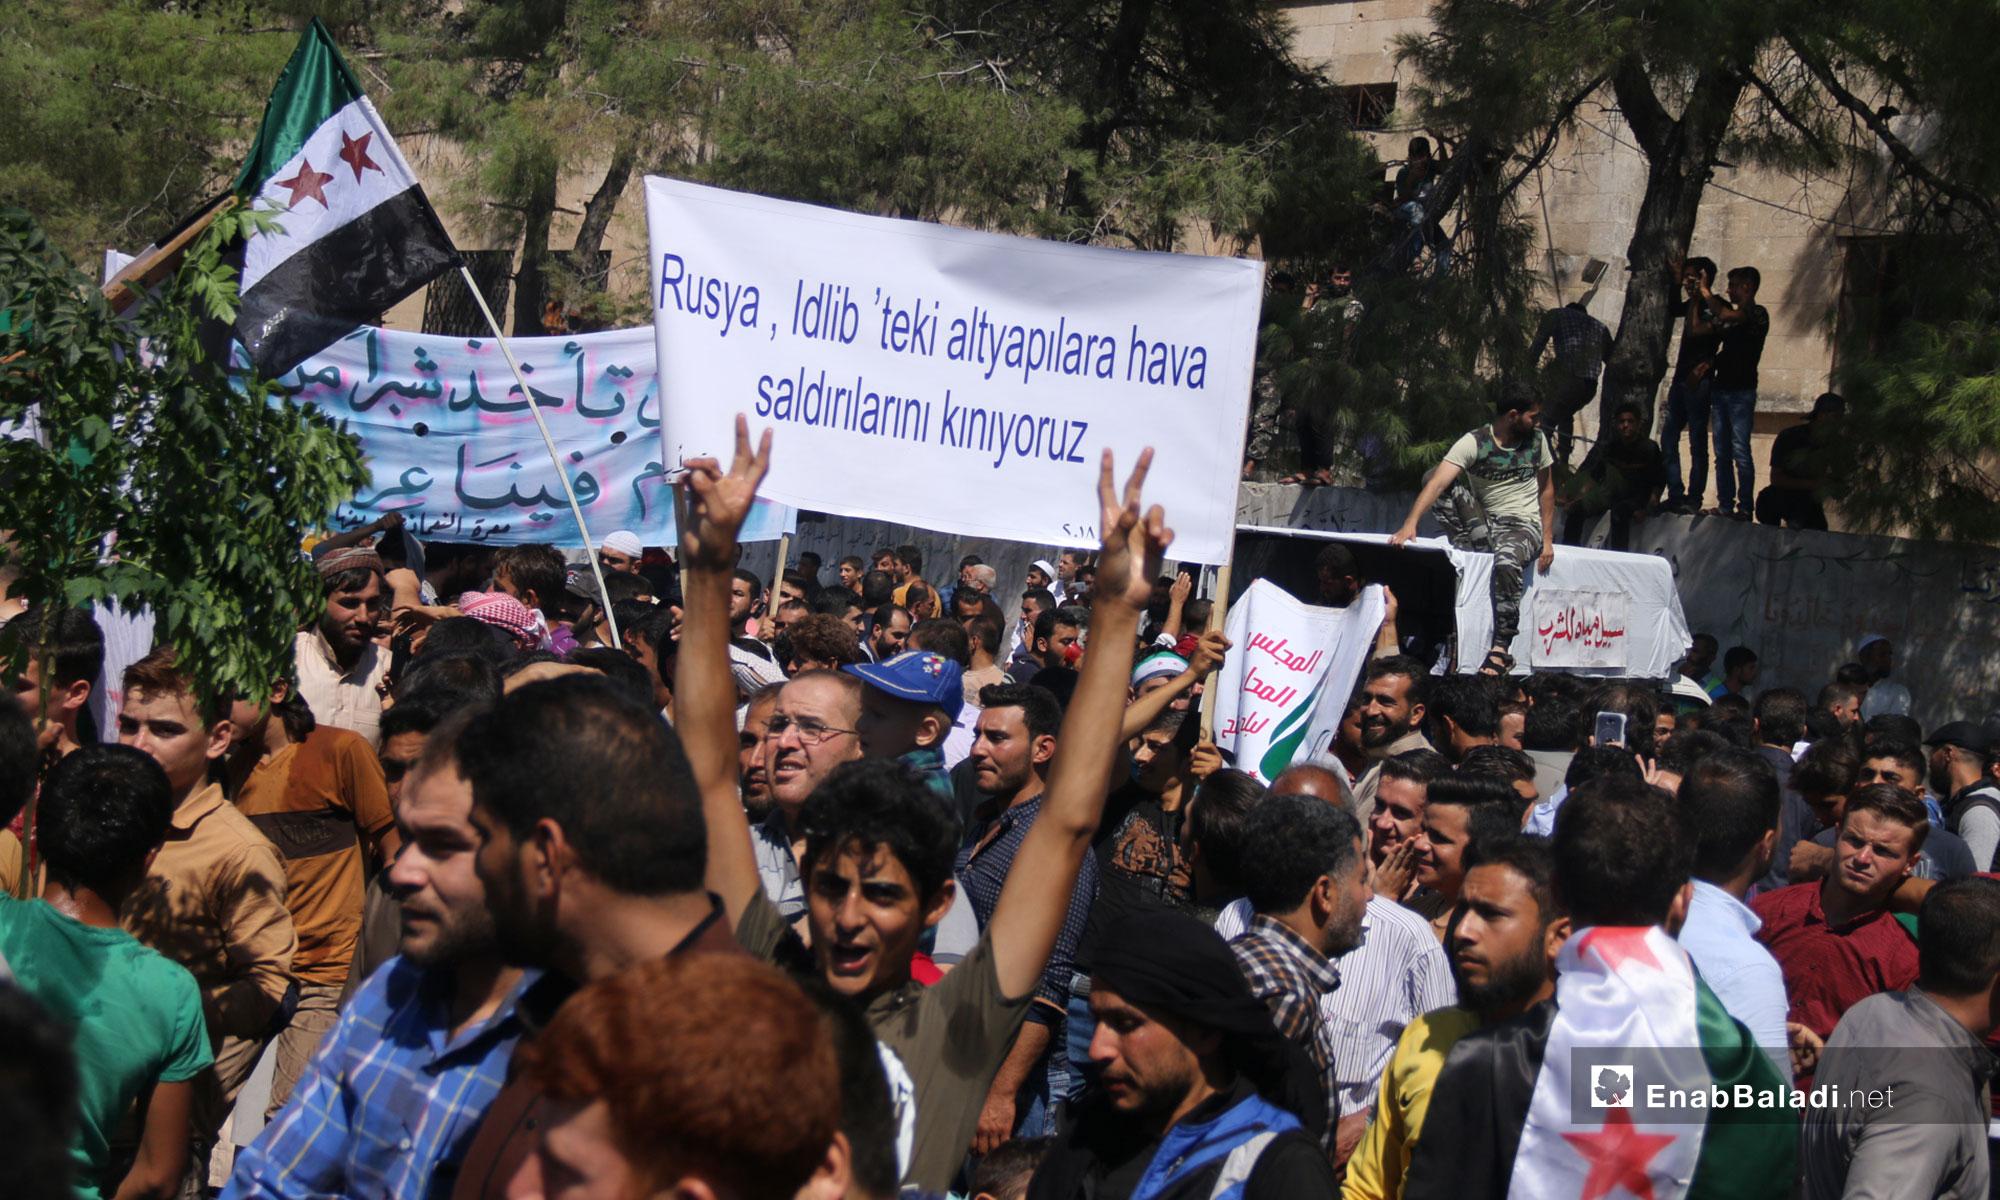 مظاهرة في معرة النعمان رفضًا للتدخل الروسي في إدلب - 7 من أيلول 2018 (عنب بلدي)